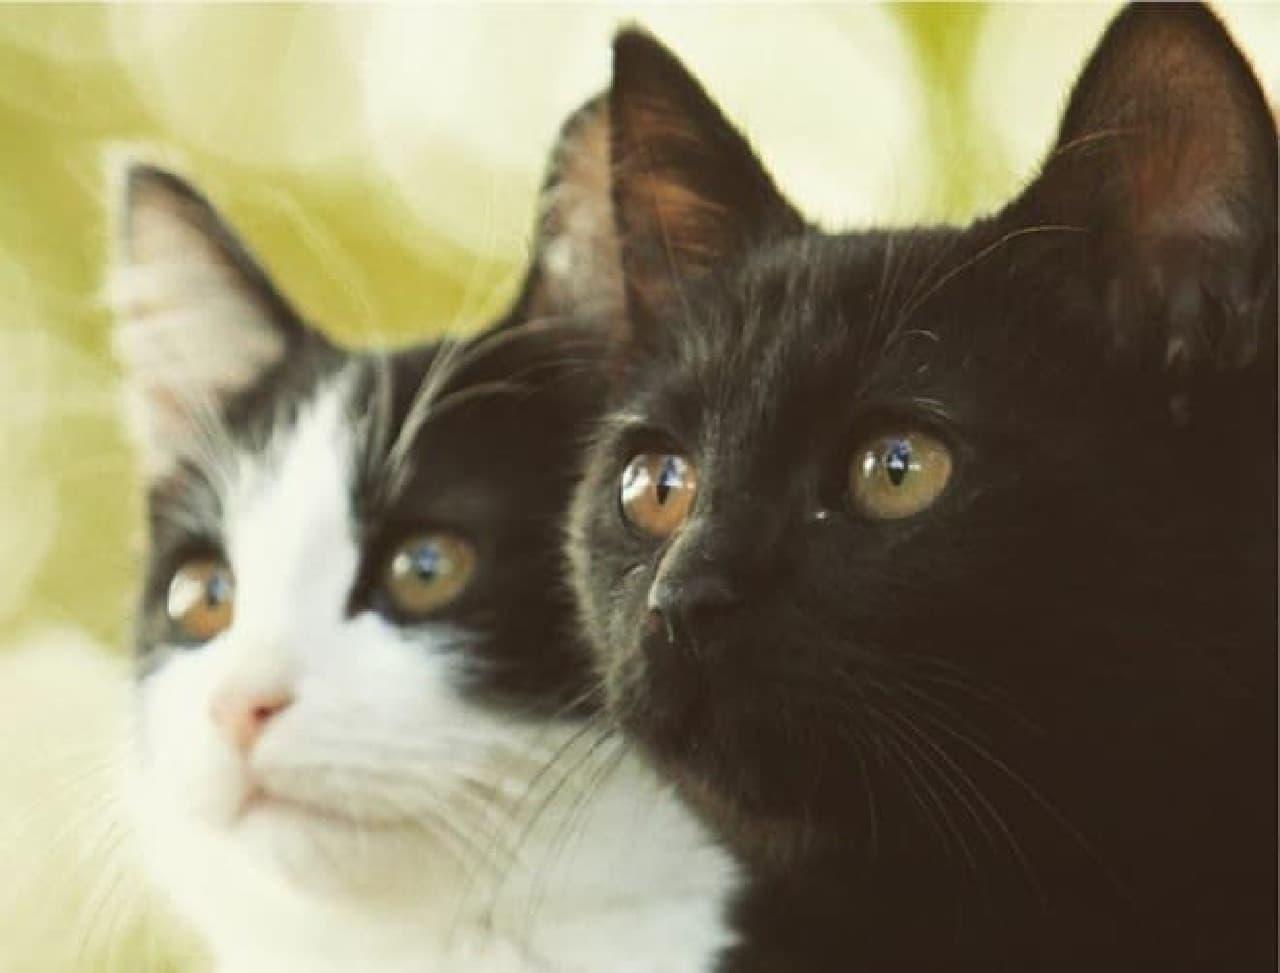 映画「猫なんかよんでもこない」に出演する  ハチワレ猫「チン」さんと、クロ猫「クロ」さん